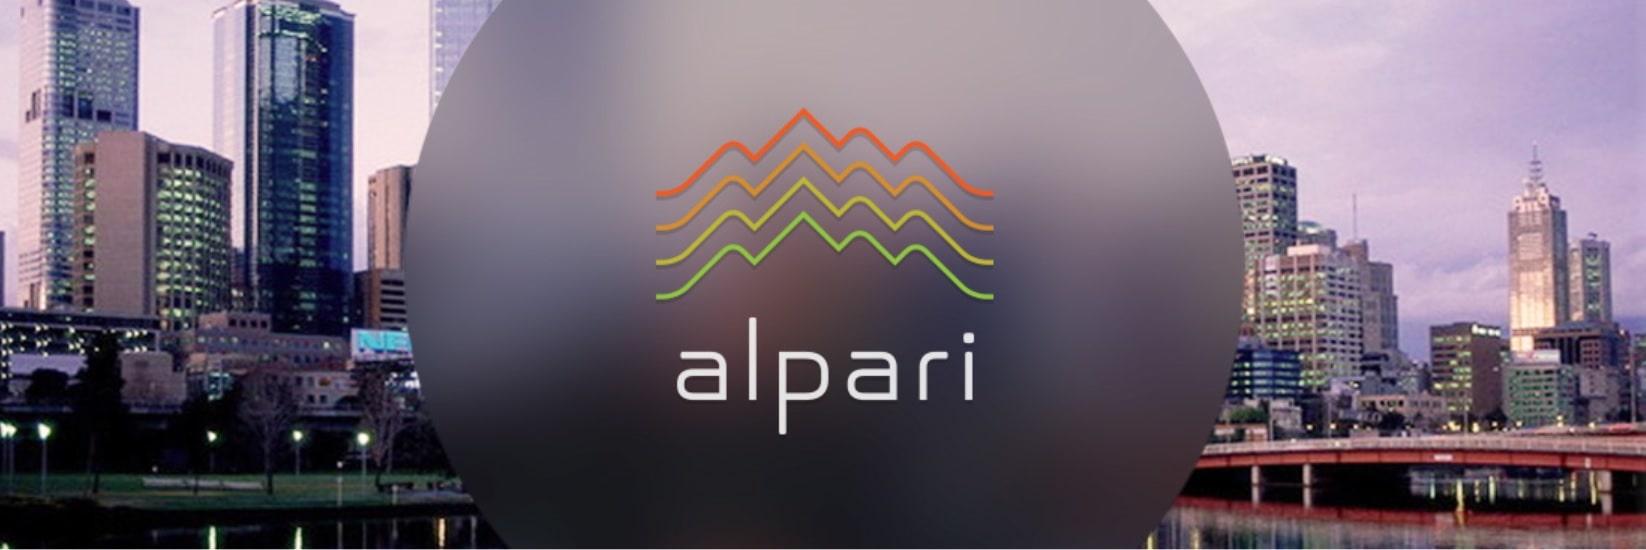 Alpari Review ; Pros & Cons